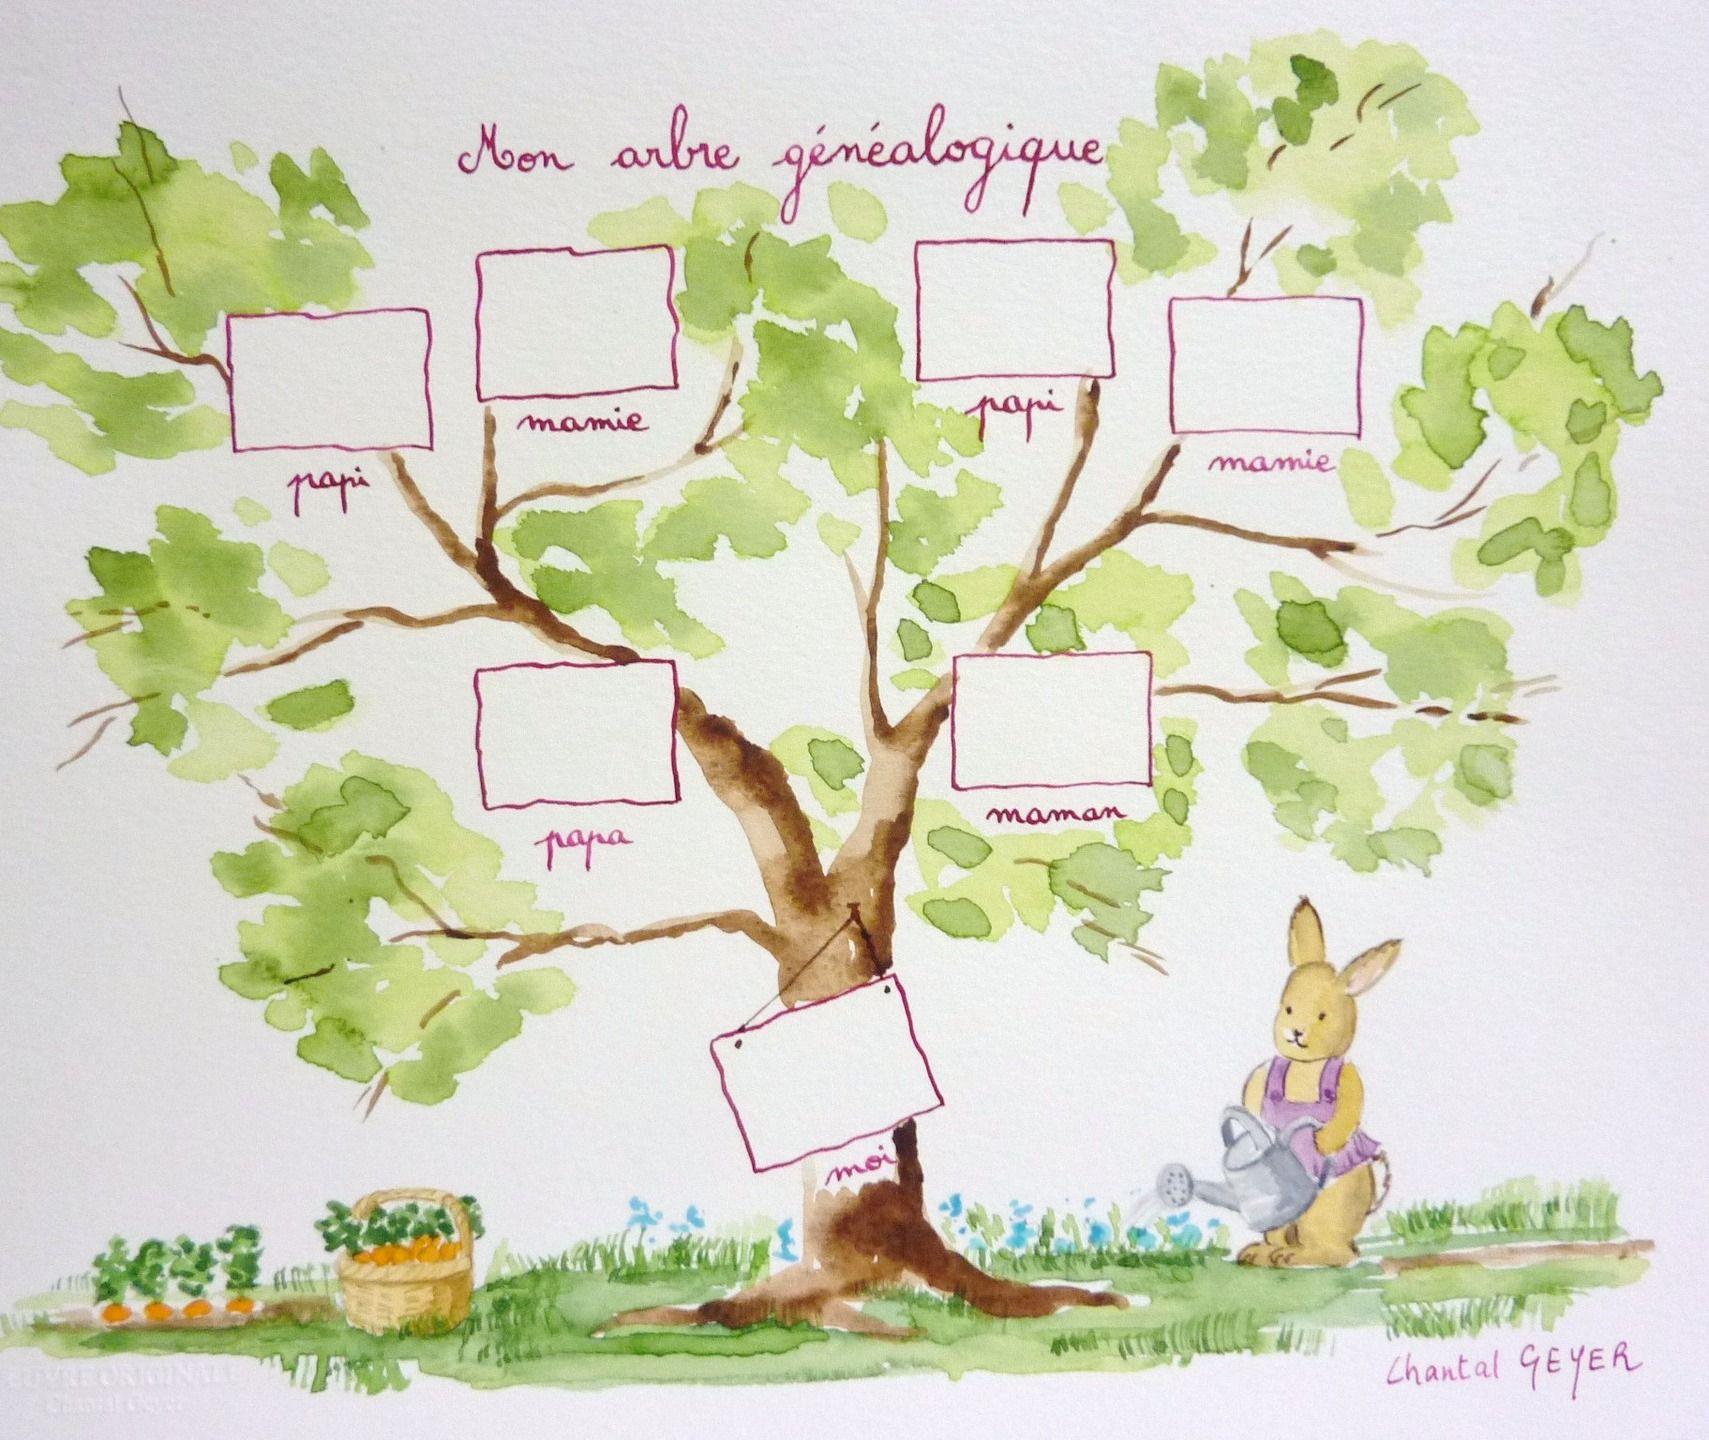 arbre g u00e9n u00e9alogique  u00e0 remplir 3 g u00e9n u00e9rations ascendantes   chambre d u0026 39 enfant  de b u00e9b u00e9 par lin